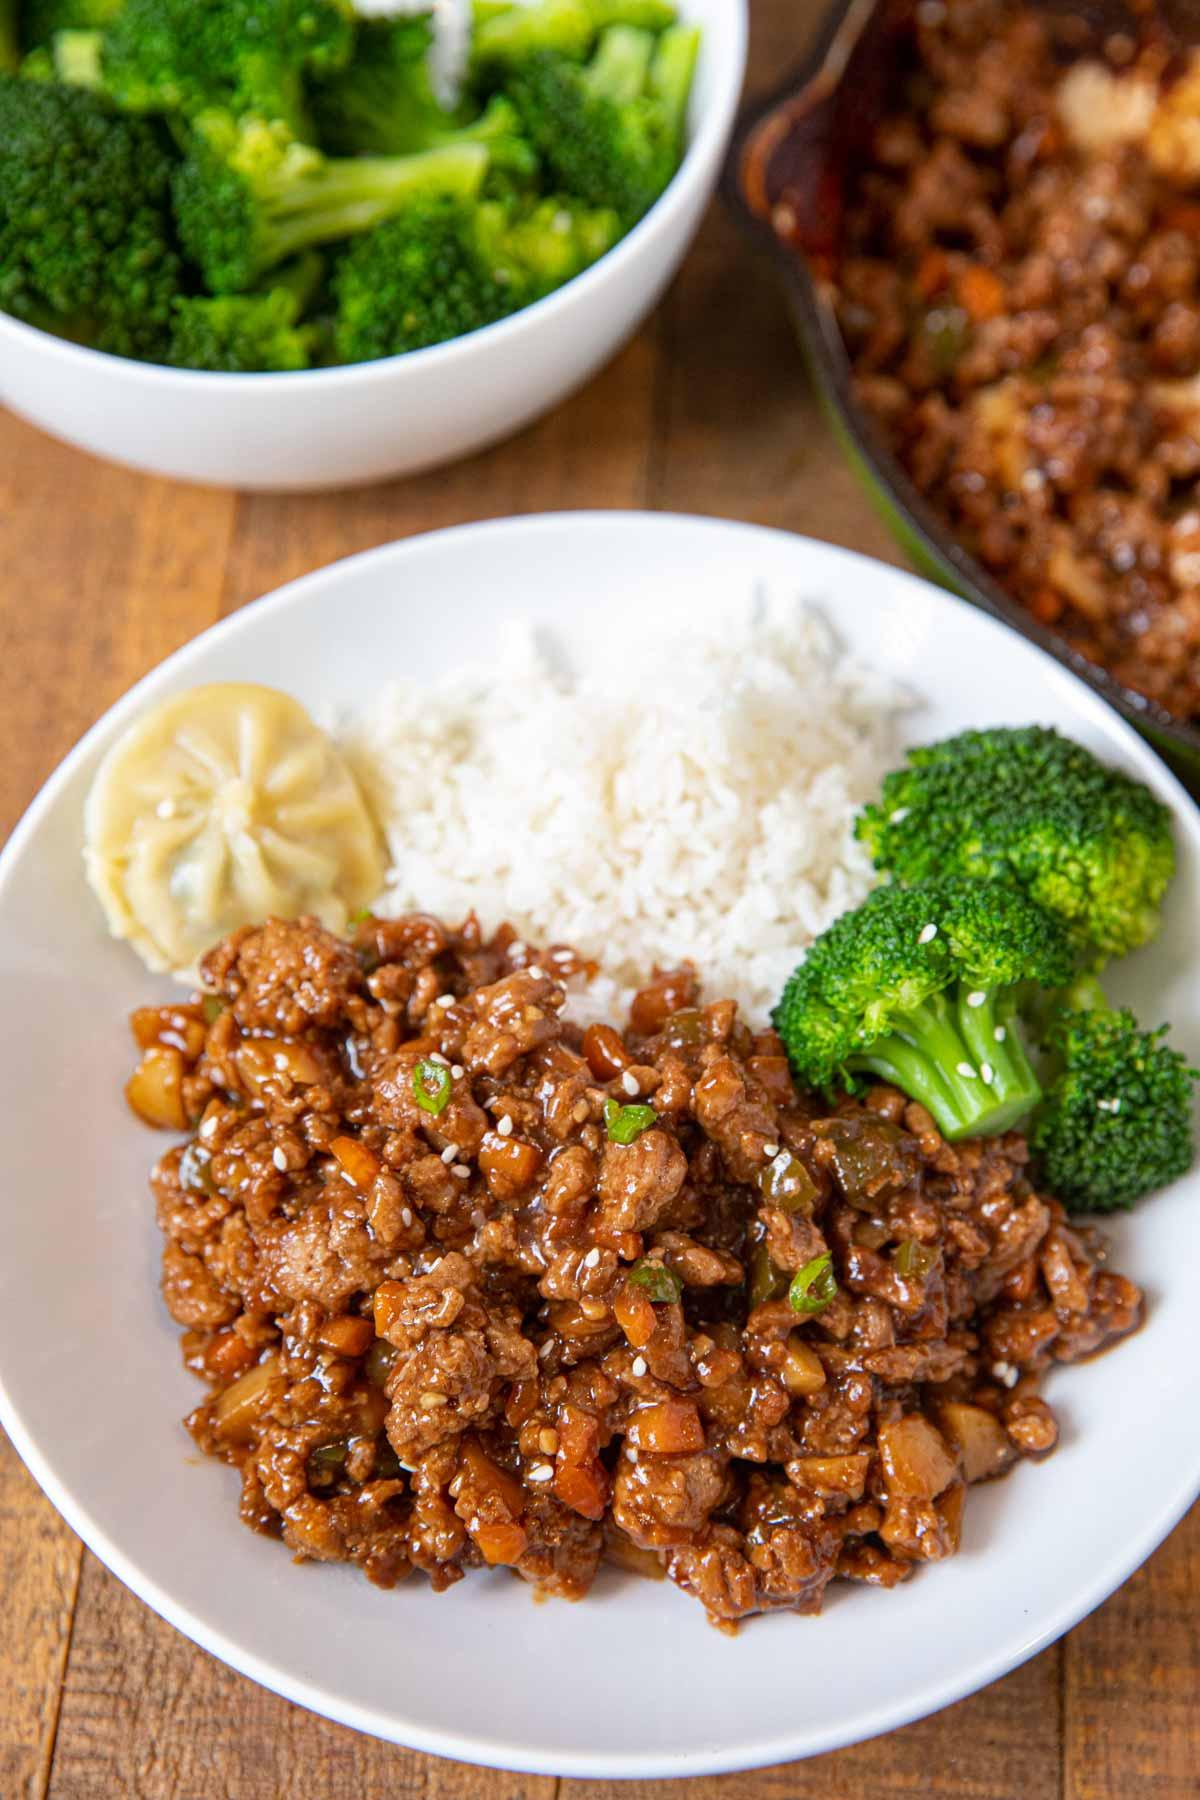 Ground Chicken Stir Fry Recipe Healthy Bowl Dinner Then Dessert